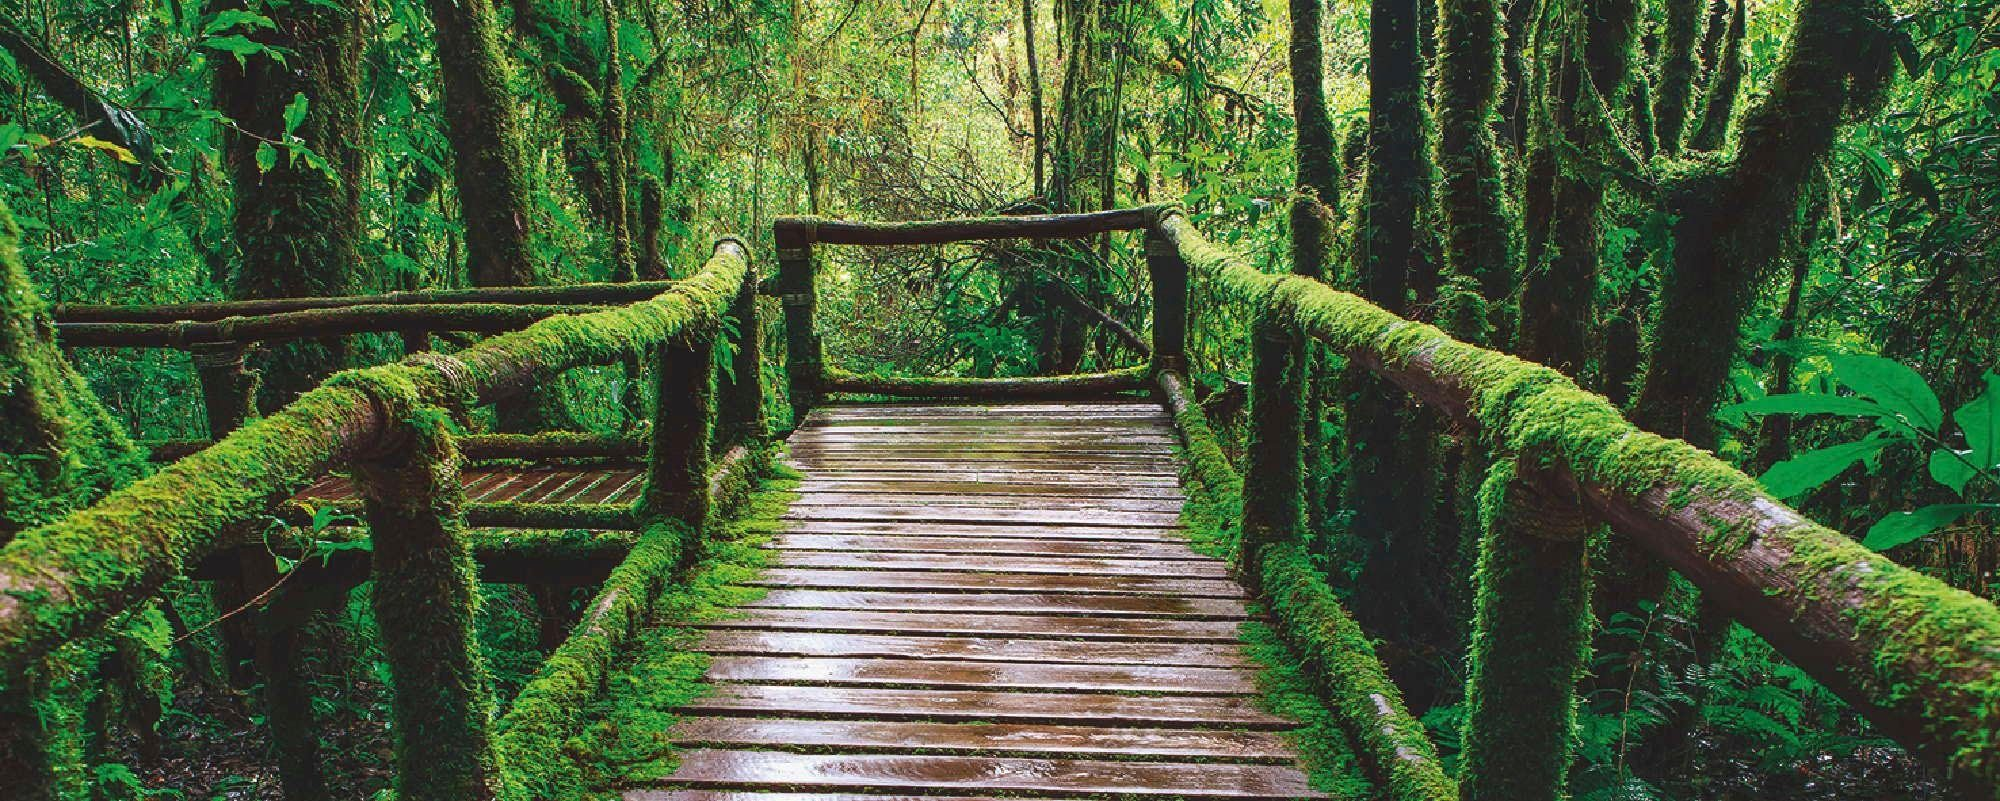 Home affaire Glasbild »khunaspix: Hölzerner Brückenpfad im Wald, Thailand«, Wald, 125/50 cm